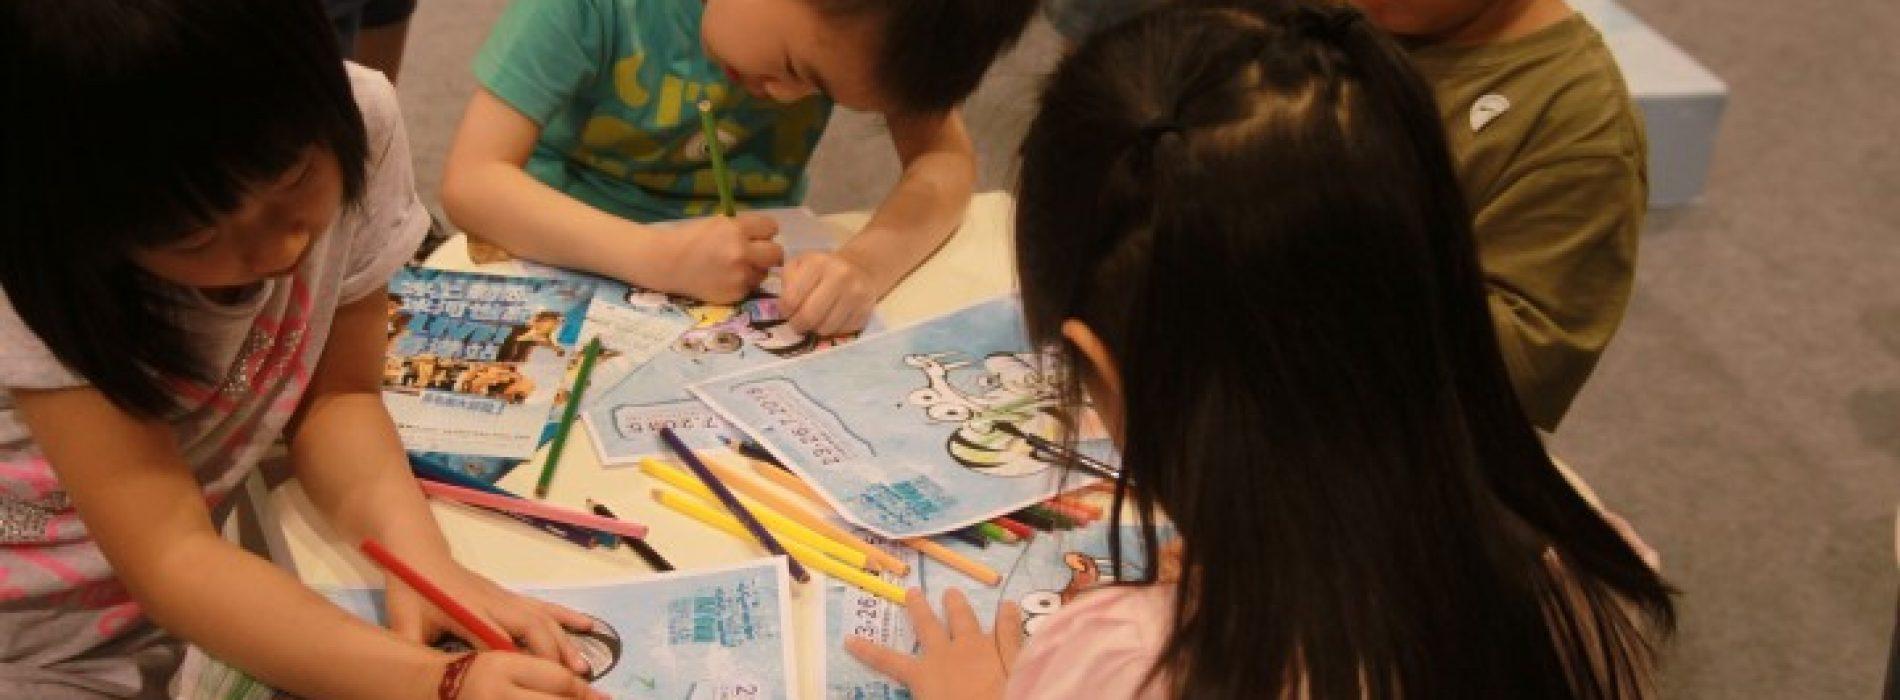 以親子繪畫活動‧ 訓練孩子語言能力